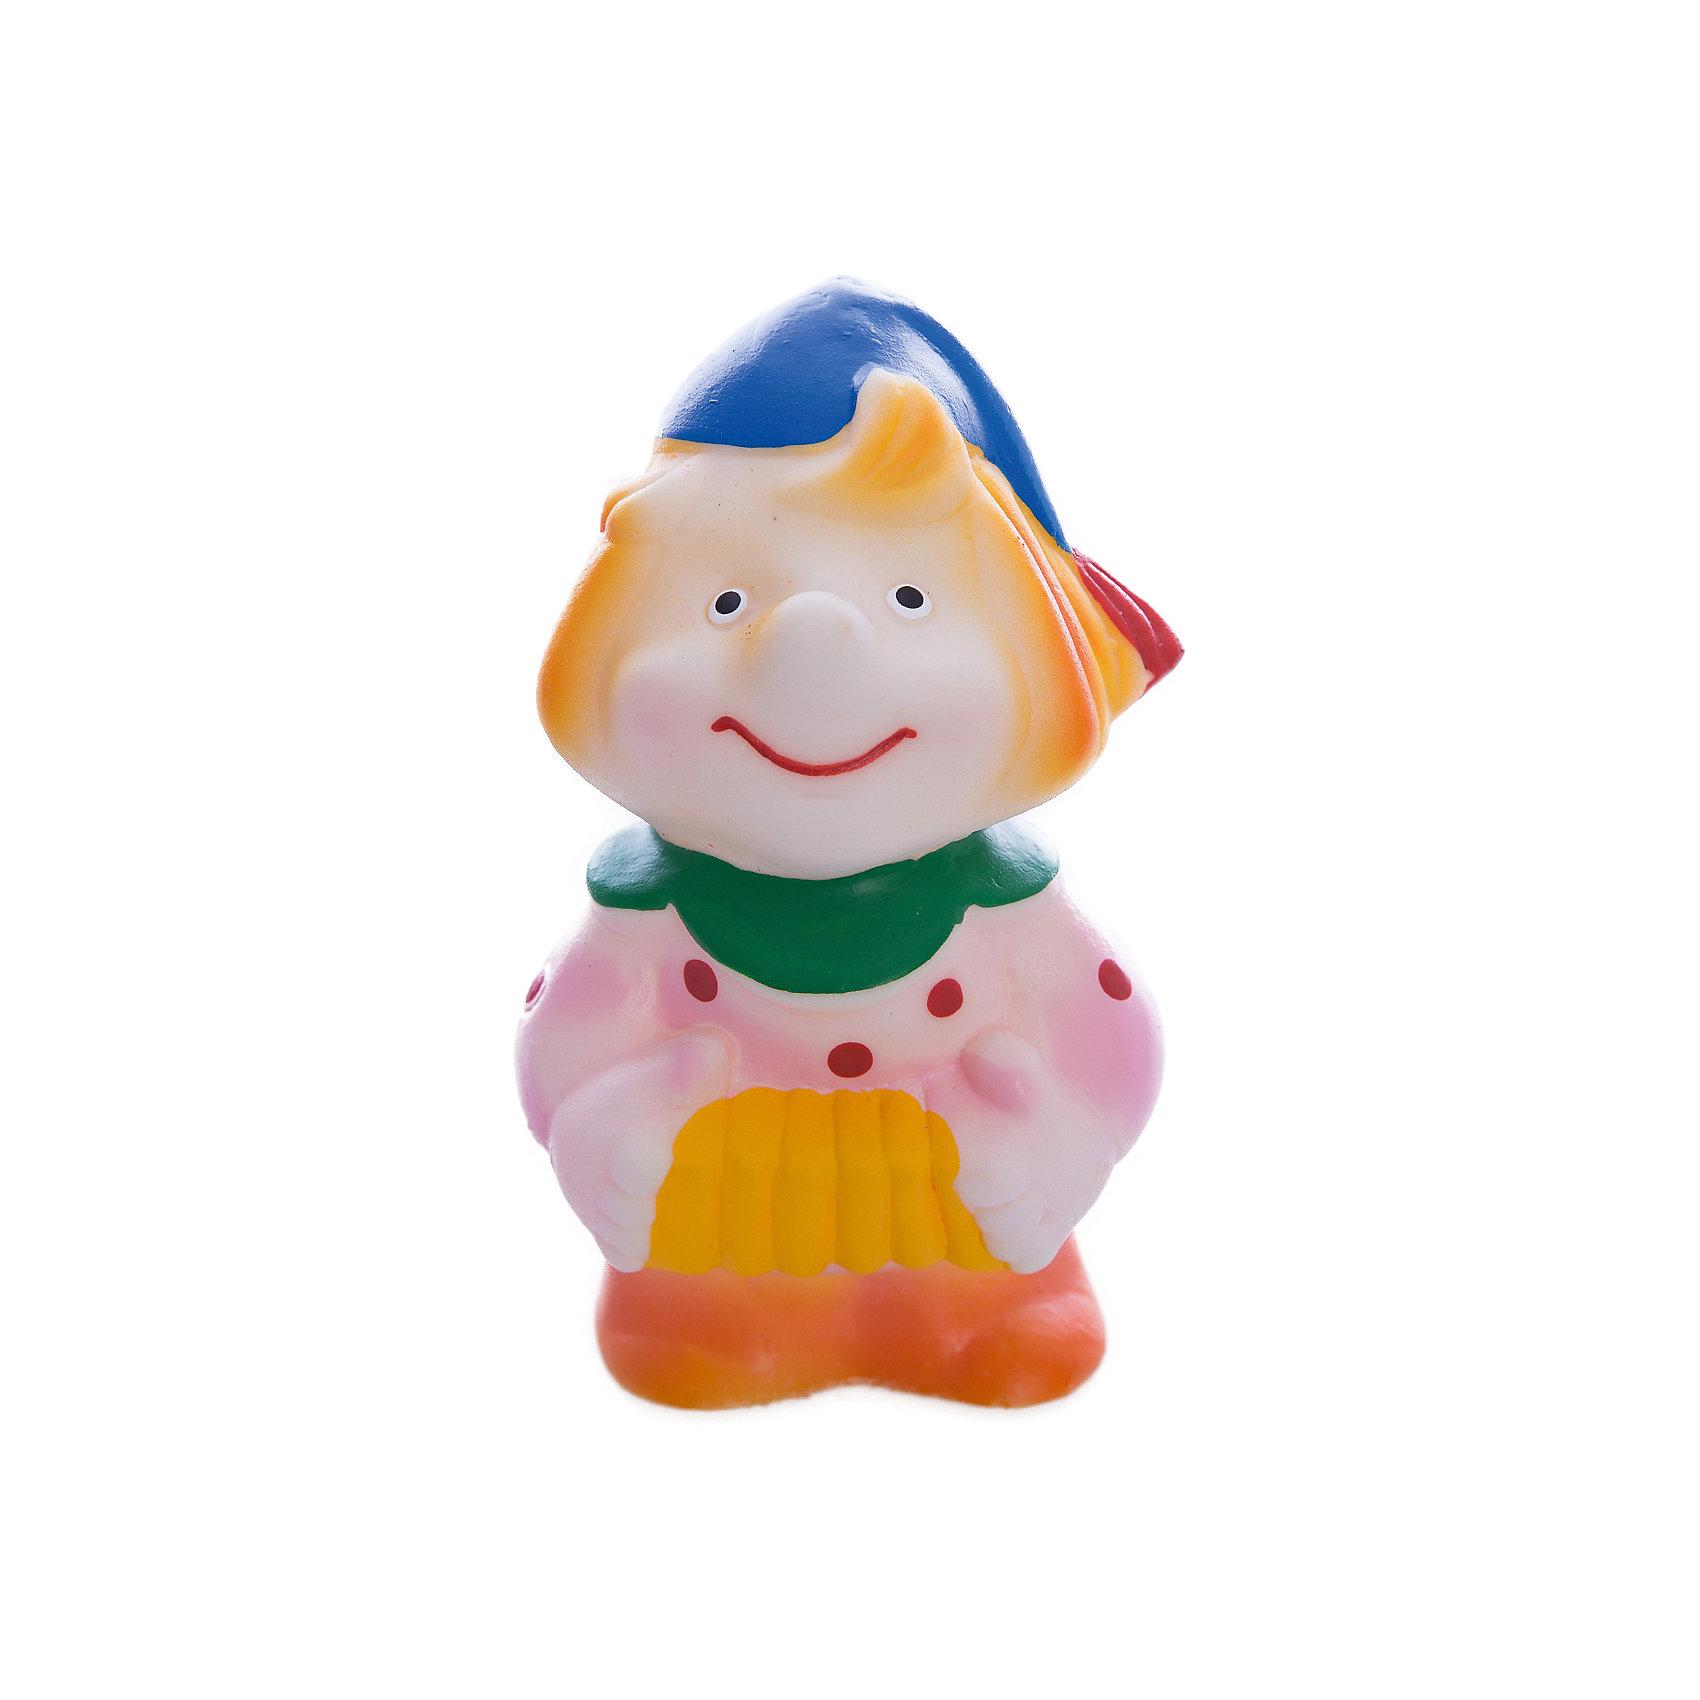 Петрушка, КудесникиИгрушки<br>Петрушка, Кудесники<br><br>Характеристики:<br><br>• Материал: ПВХ.<br>• Размер: 14 см.<br>• Вес: 76г.<br> <br>Отличная игрушка из мягкого ПВХ надолго займет внимания вашего малыша. Эта игрушка поможет малышу при прорезывании зубов, поможет развивать моторику рук, знакомить с формой, цветом, образами также с ней можно забавно поиграть в ванной. Яркий образ поможет ребенку придумывать различные сюжетно-ролевые игры.<br><br>Петрушку , Кудесники, можно купить внашем интернет – магазине.<br><br>Ширина мм: 50<br>Глубина мм: 90<br>Высота мм: 140<br>Вес г: 76<br>Возраст от месяцев: 12<br>Возраст до месяцев: 36<br>Пол: Унисекс<br>Возраст: Детский<br>SKU: 4896435